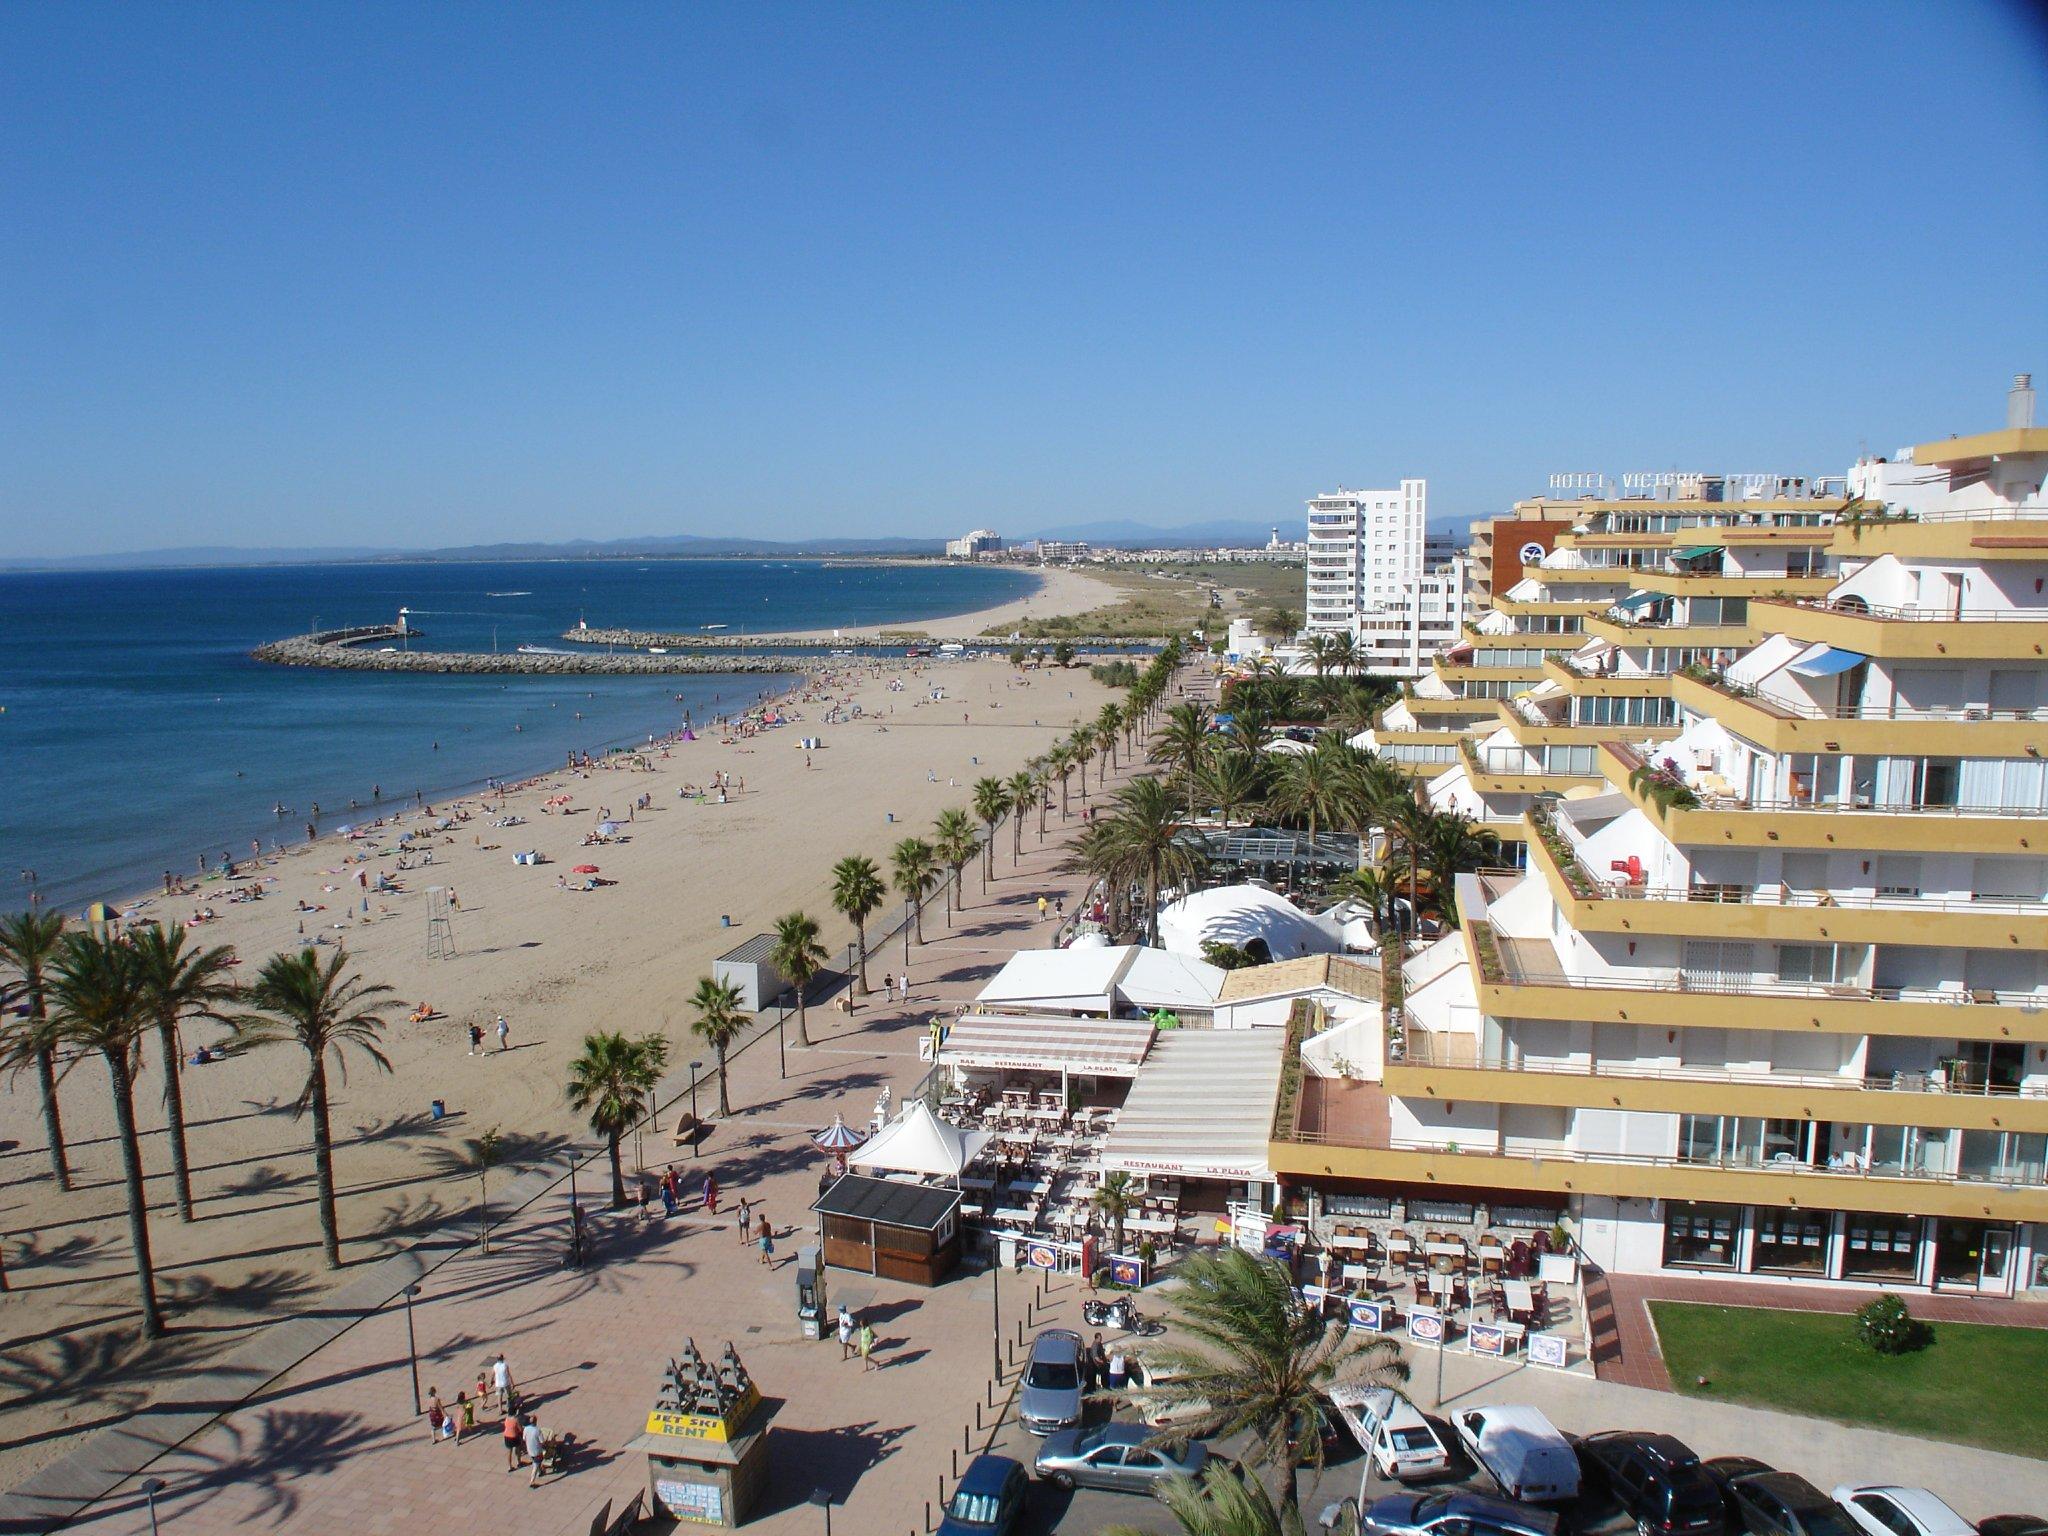 Strand, Promenade; dahinter Naturstrand